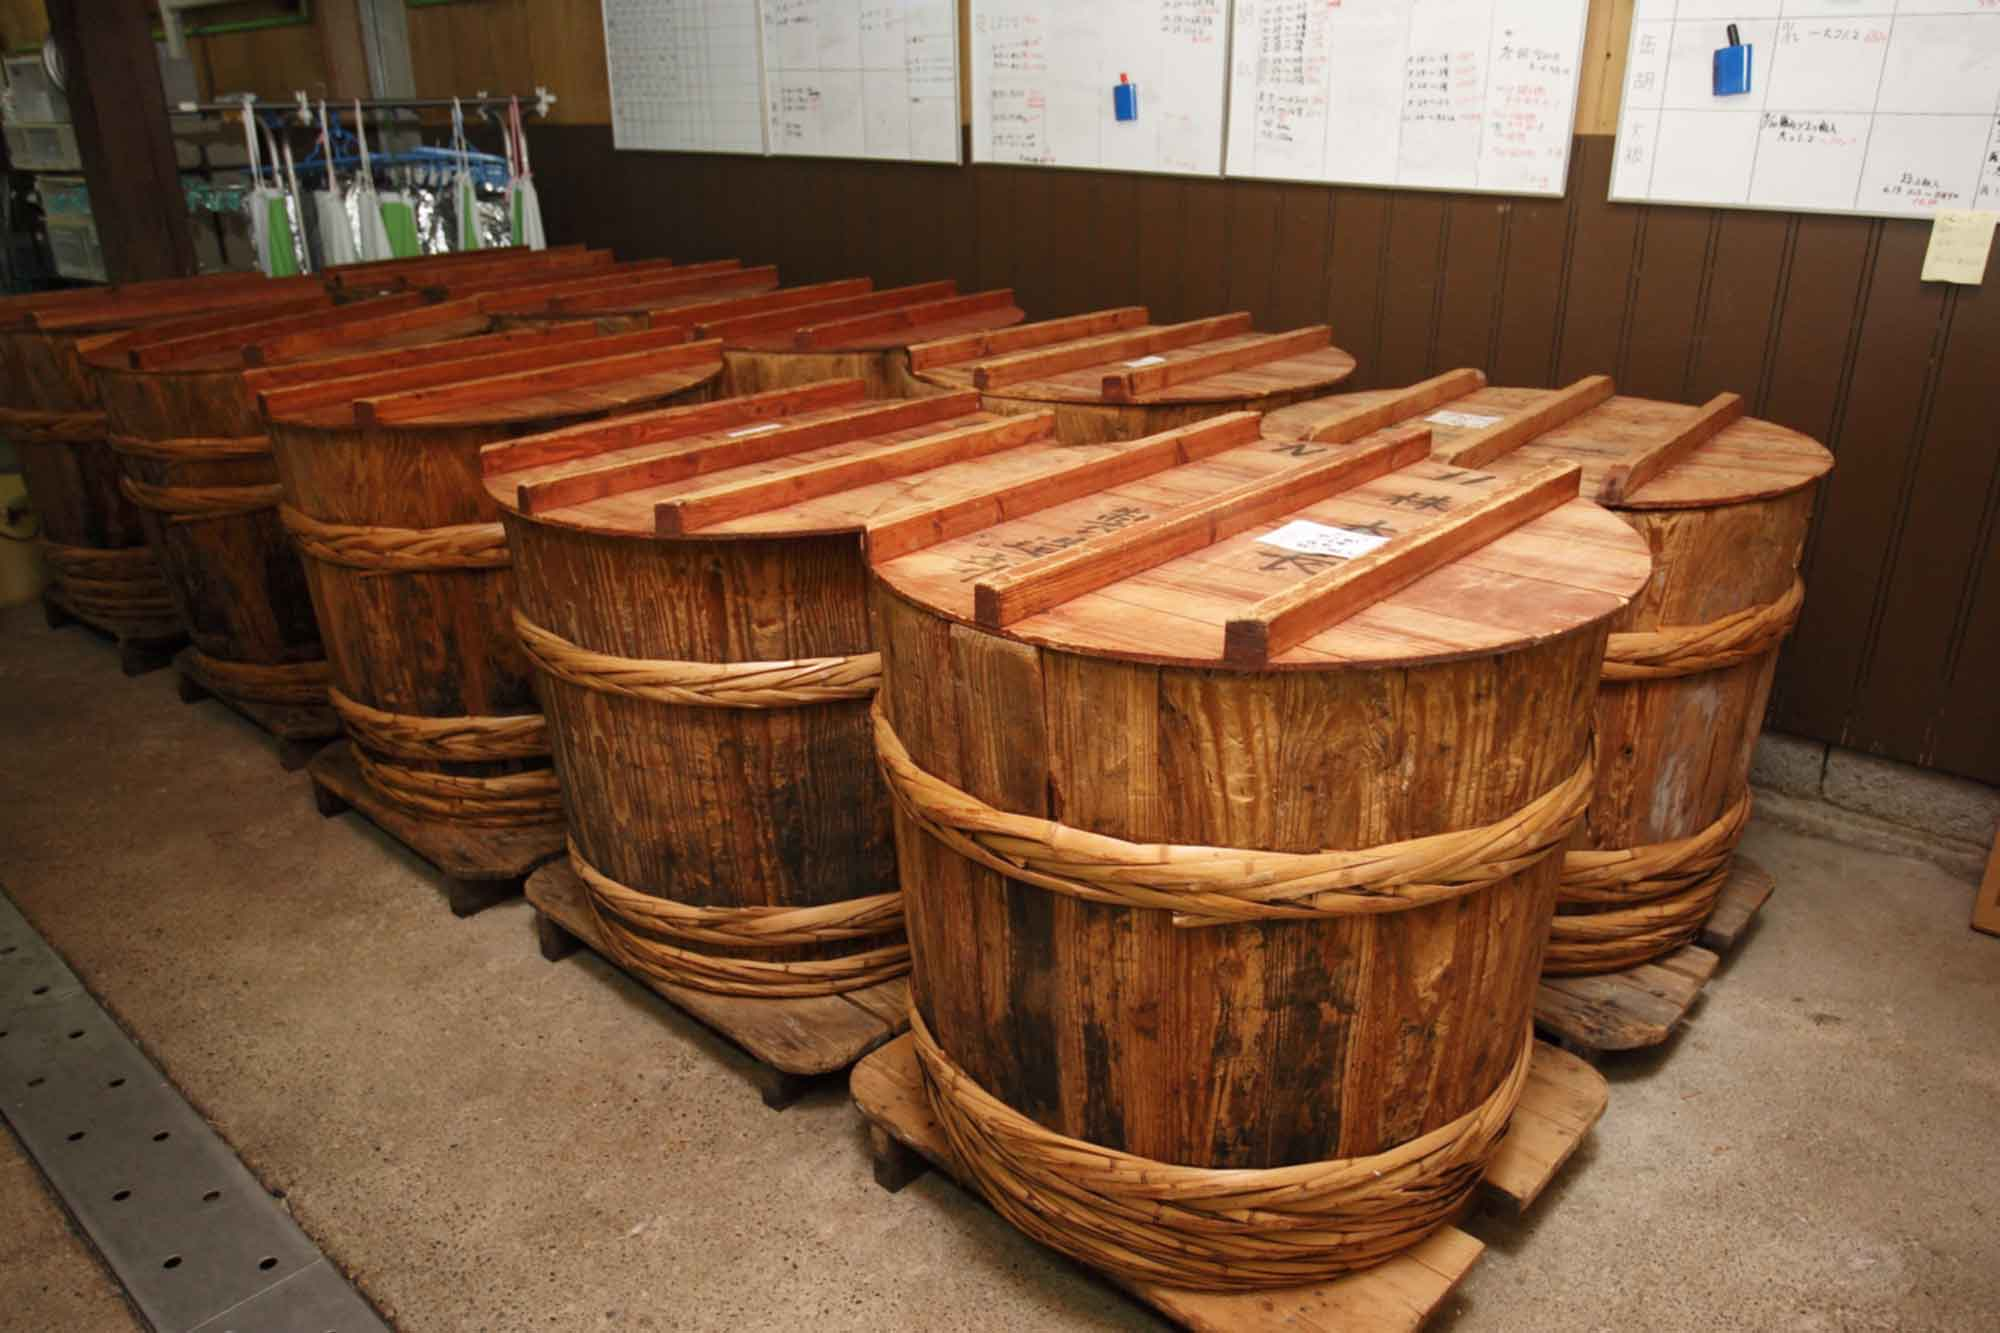 山形県アンテナショップおいしい山形 つくり手を訪ねて|つけもの処 本長:木製の樽で漬け込みを行っています。中には200年近く前の樽もあります。